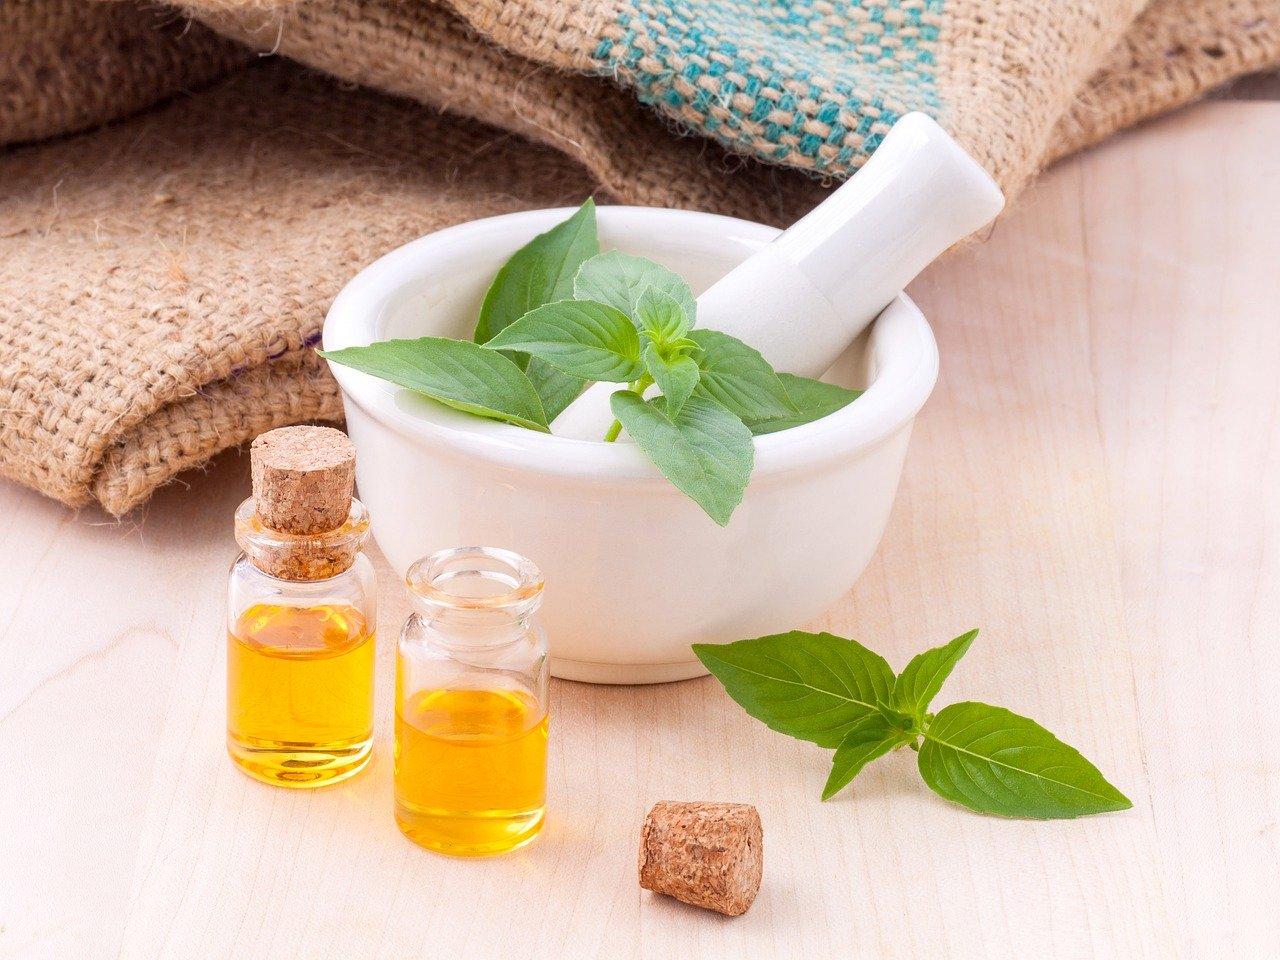 Remedios naturales, la alternativa para eliminar las arrugas desde casa